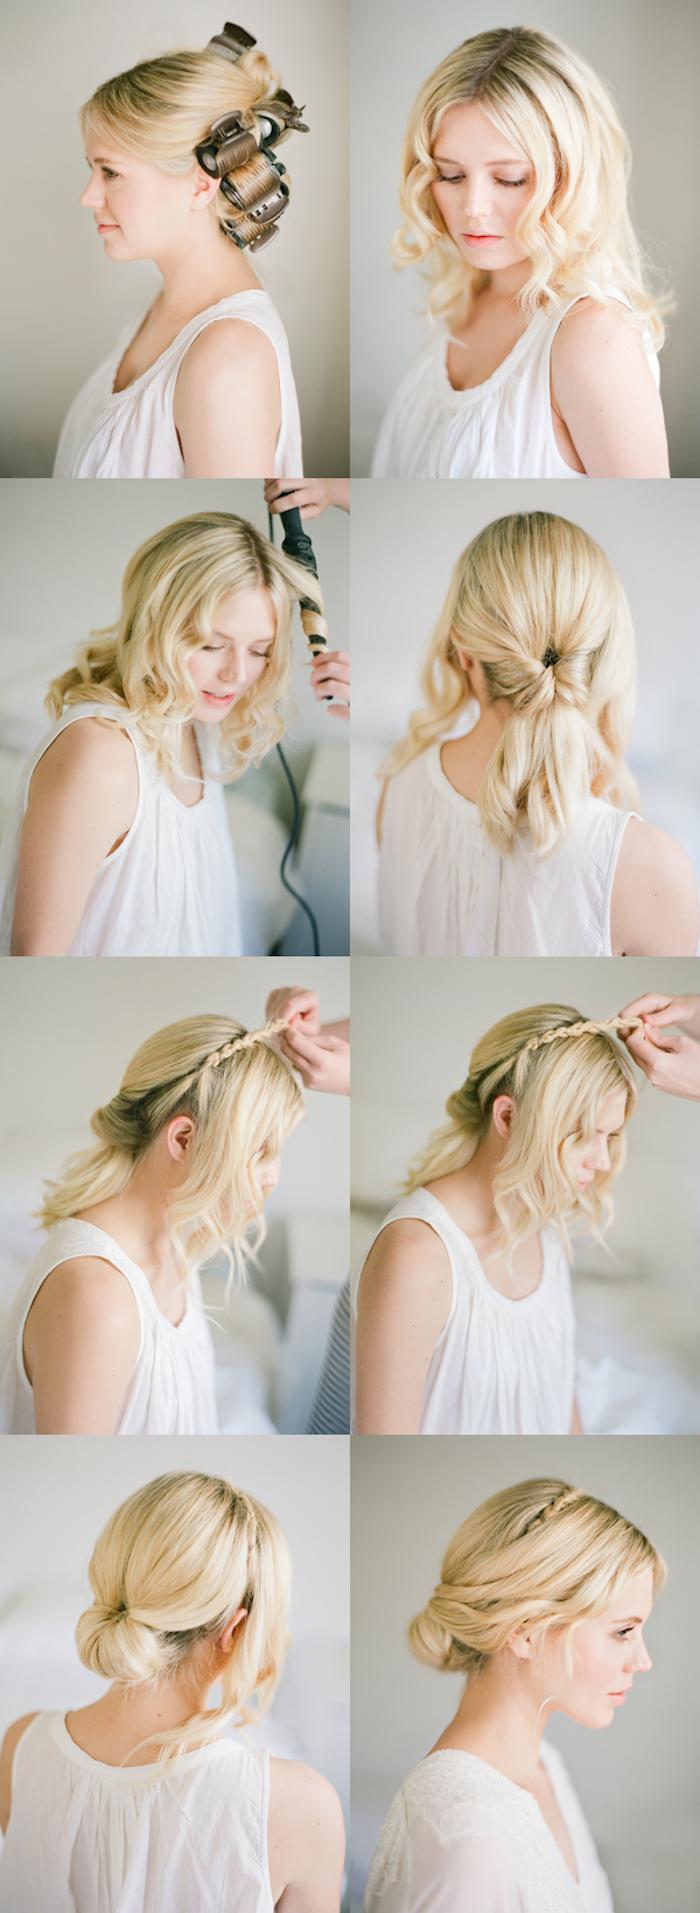 hochsteckfrisuren einfach und schnell, mittellange blonde haare, locken, dutt frisur mit zöpfen